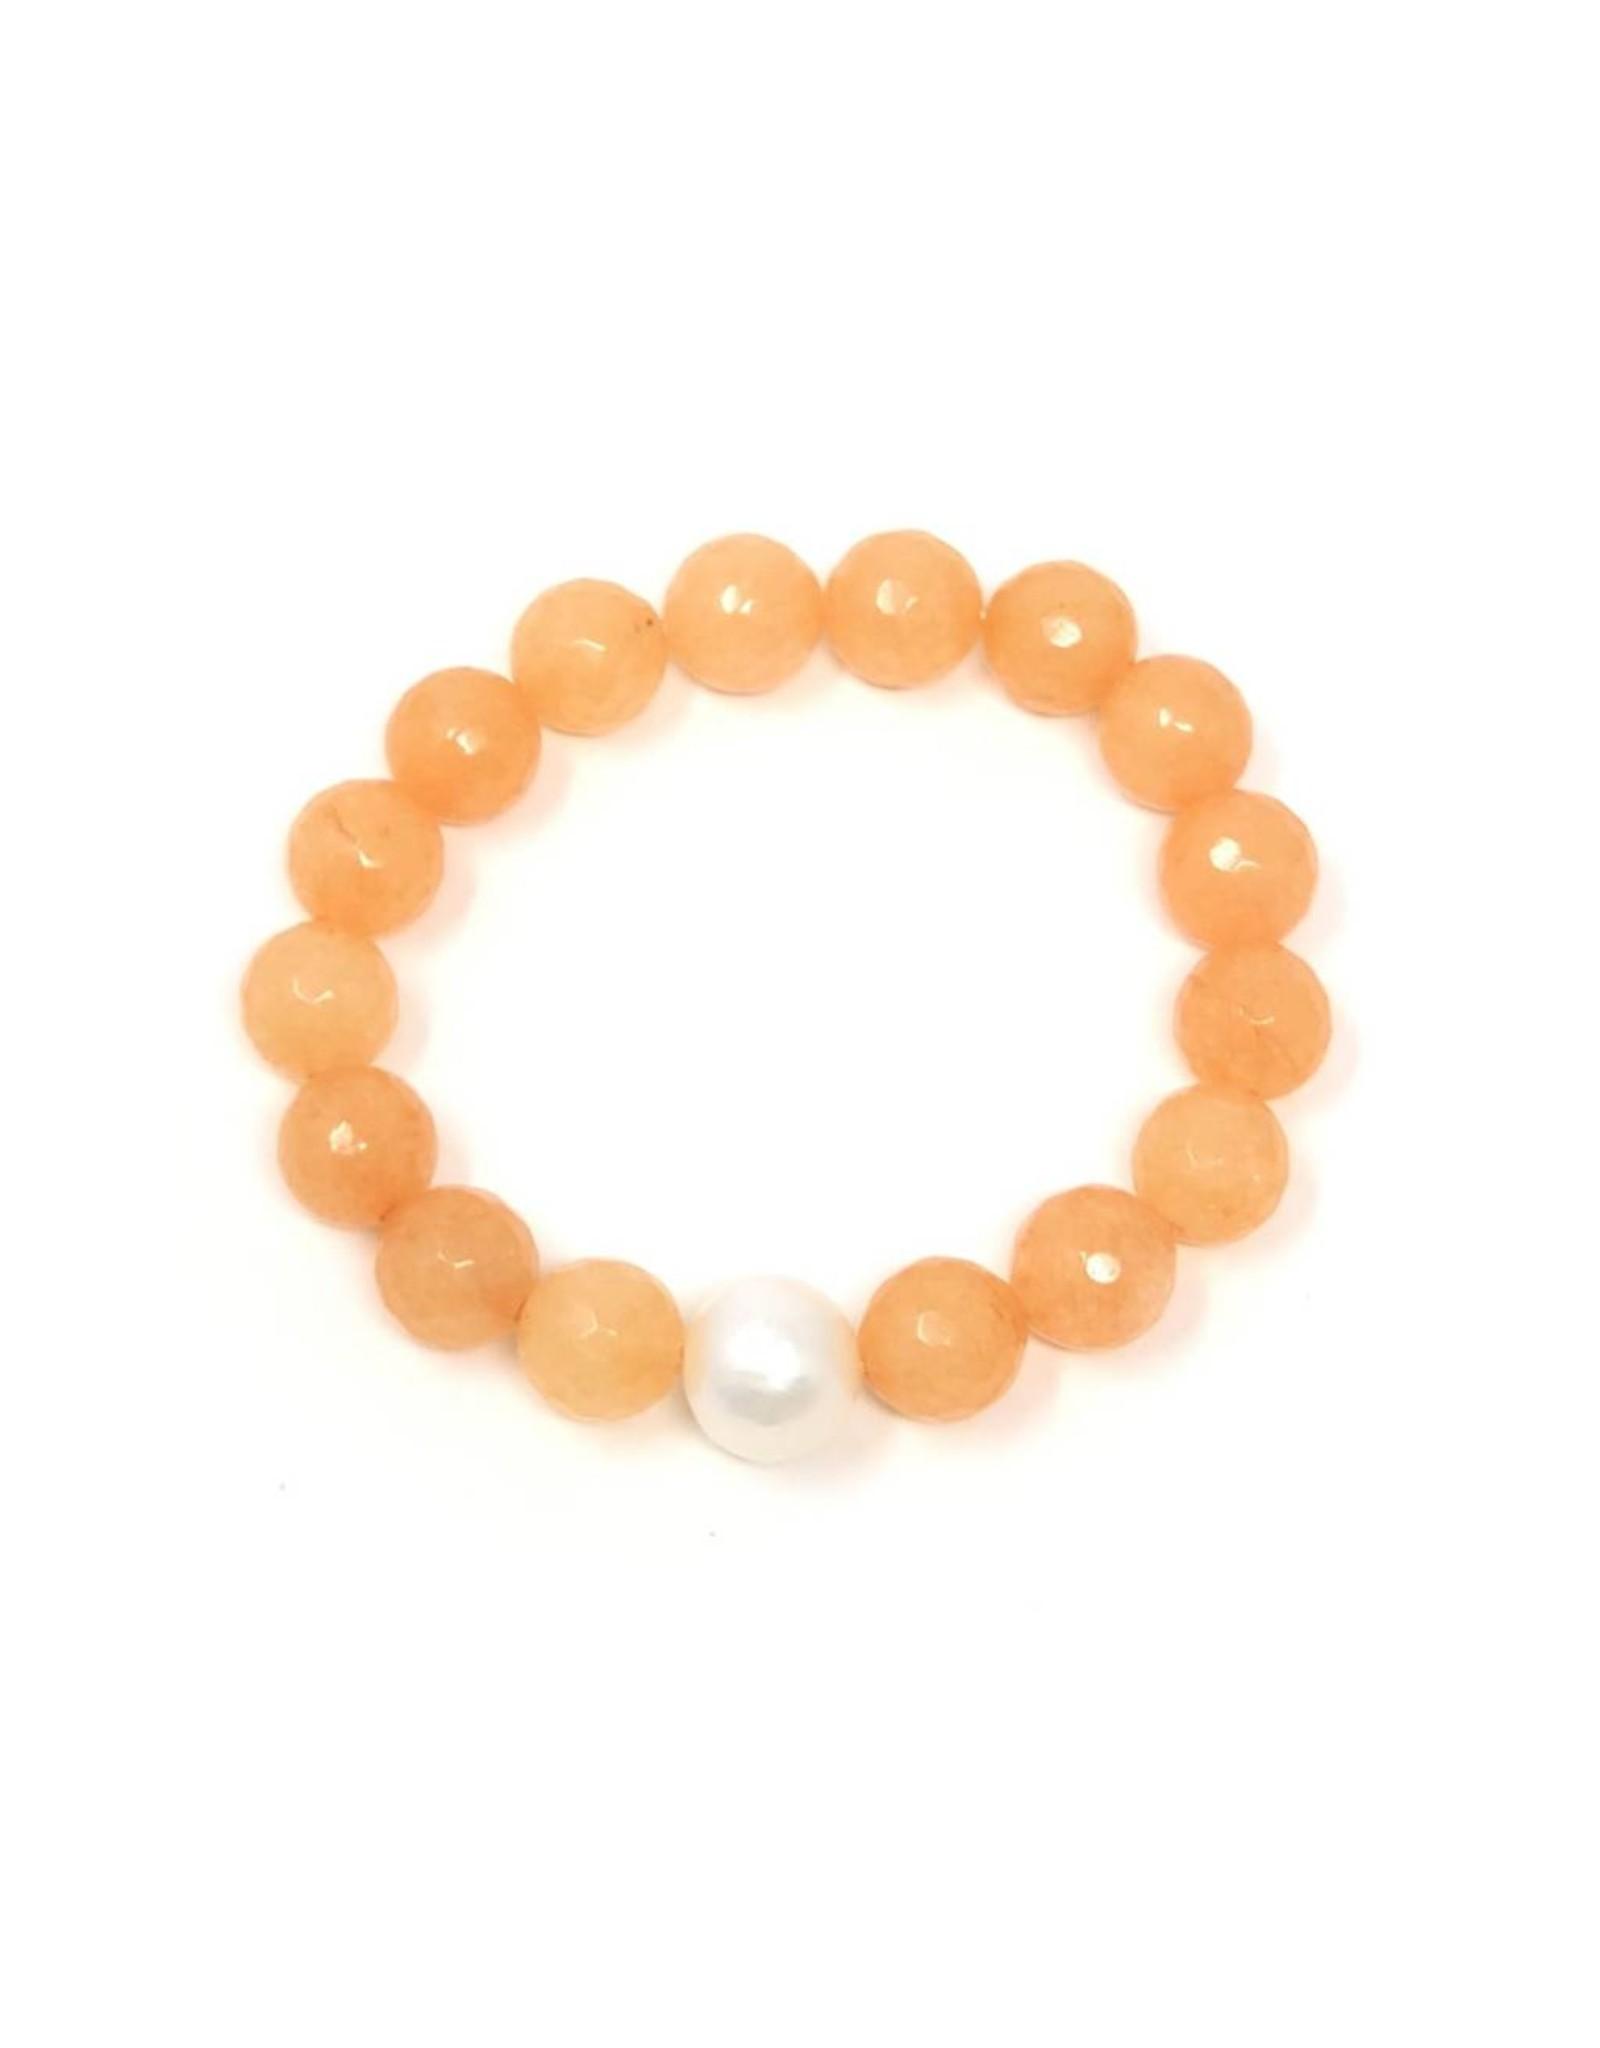 Tangerine Agate & FWP Bracelet